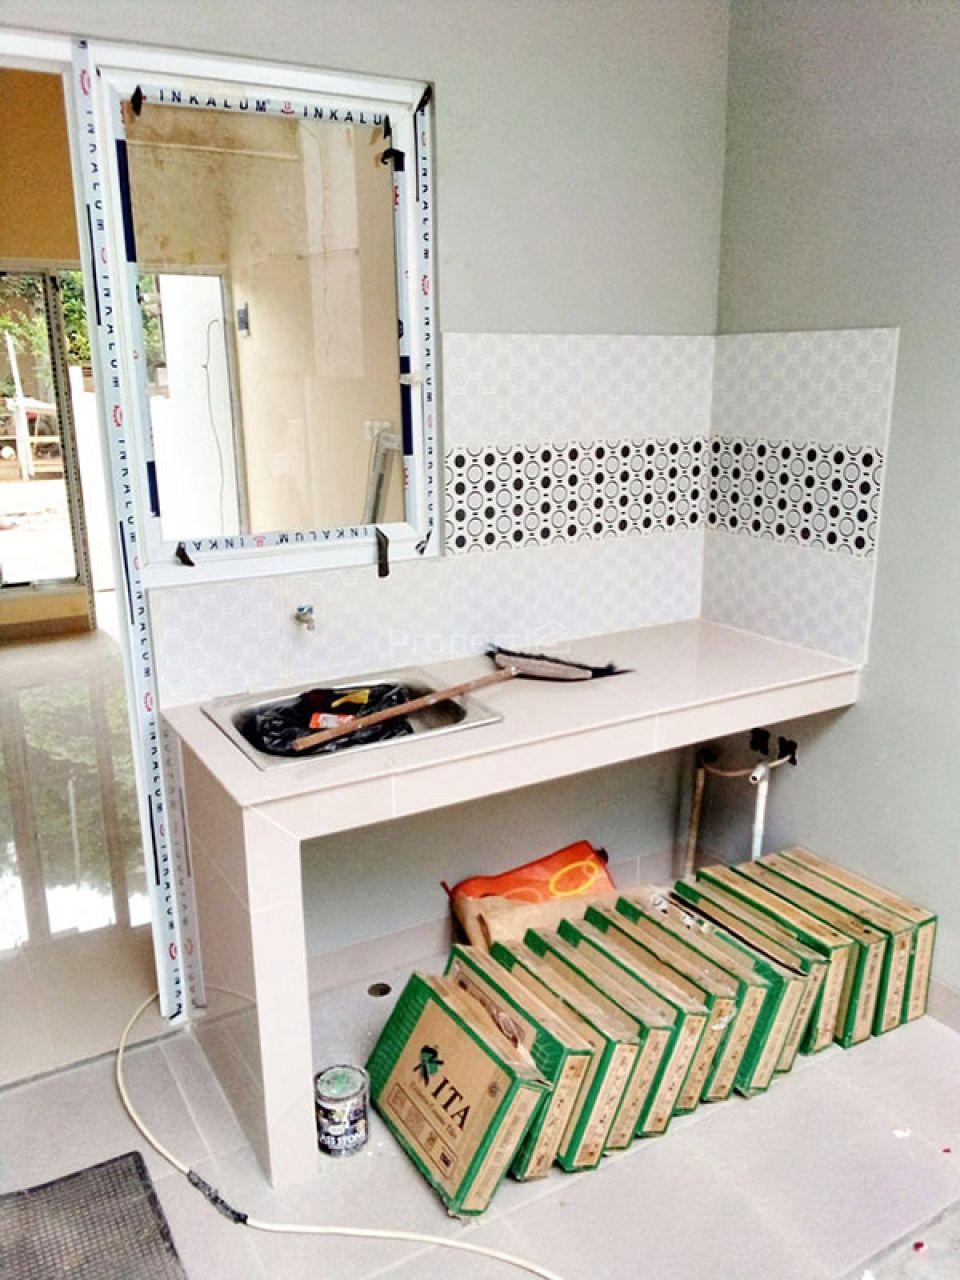 New House at Jl. Wibawa Mukti II, Bekasi City, Jatiasih